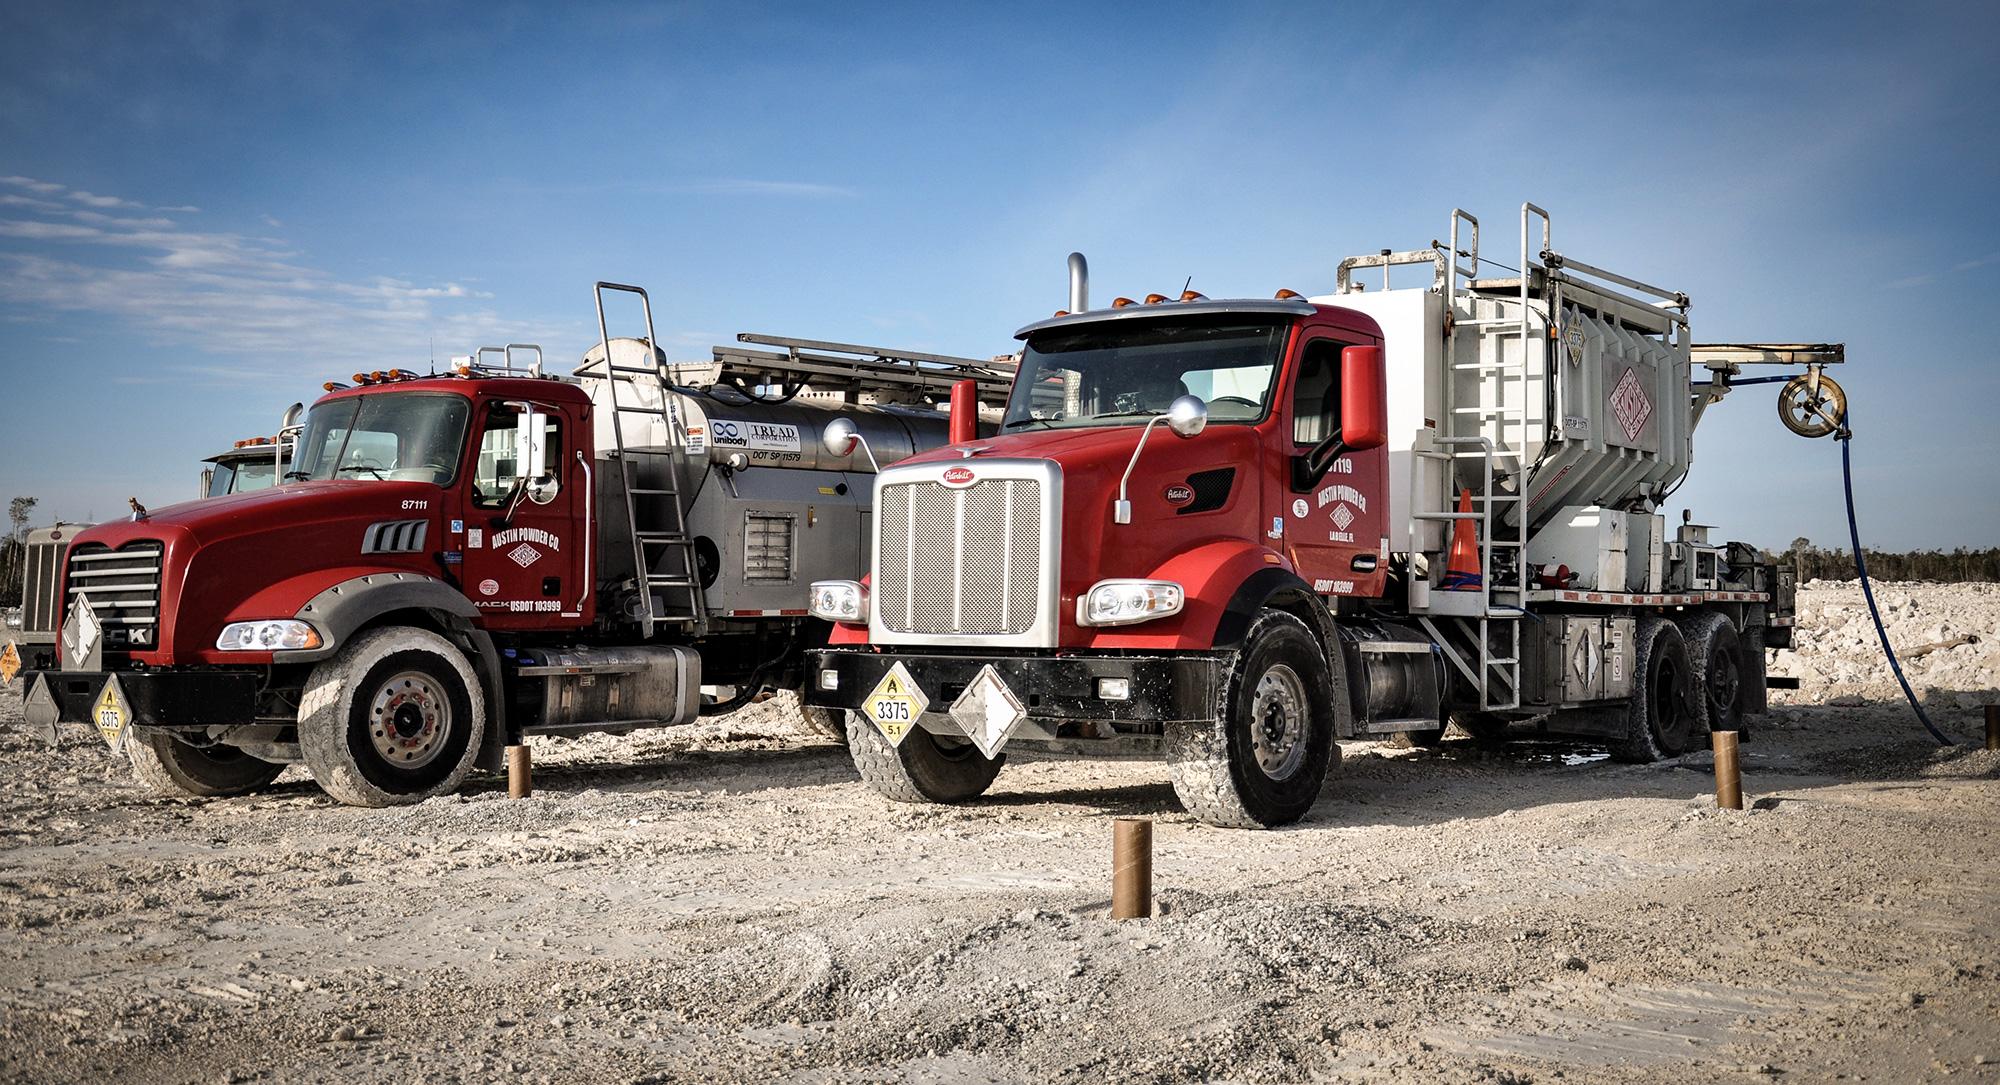 Austin Powder pump trucks